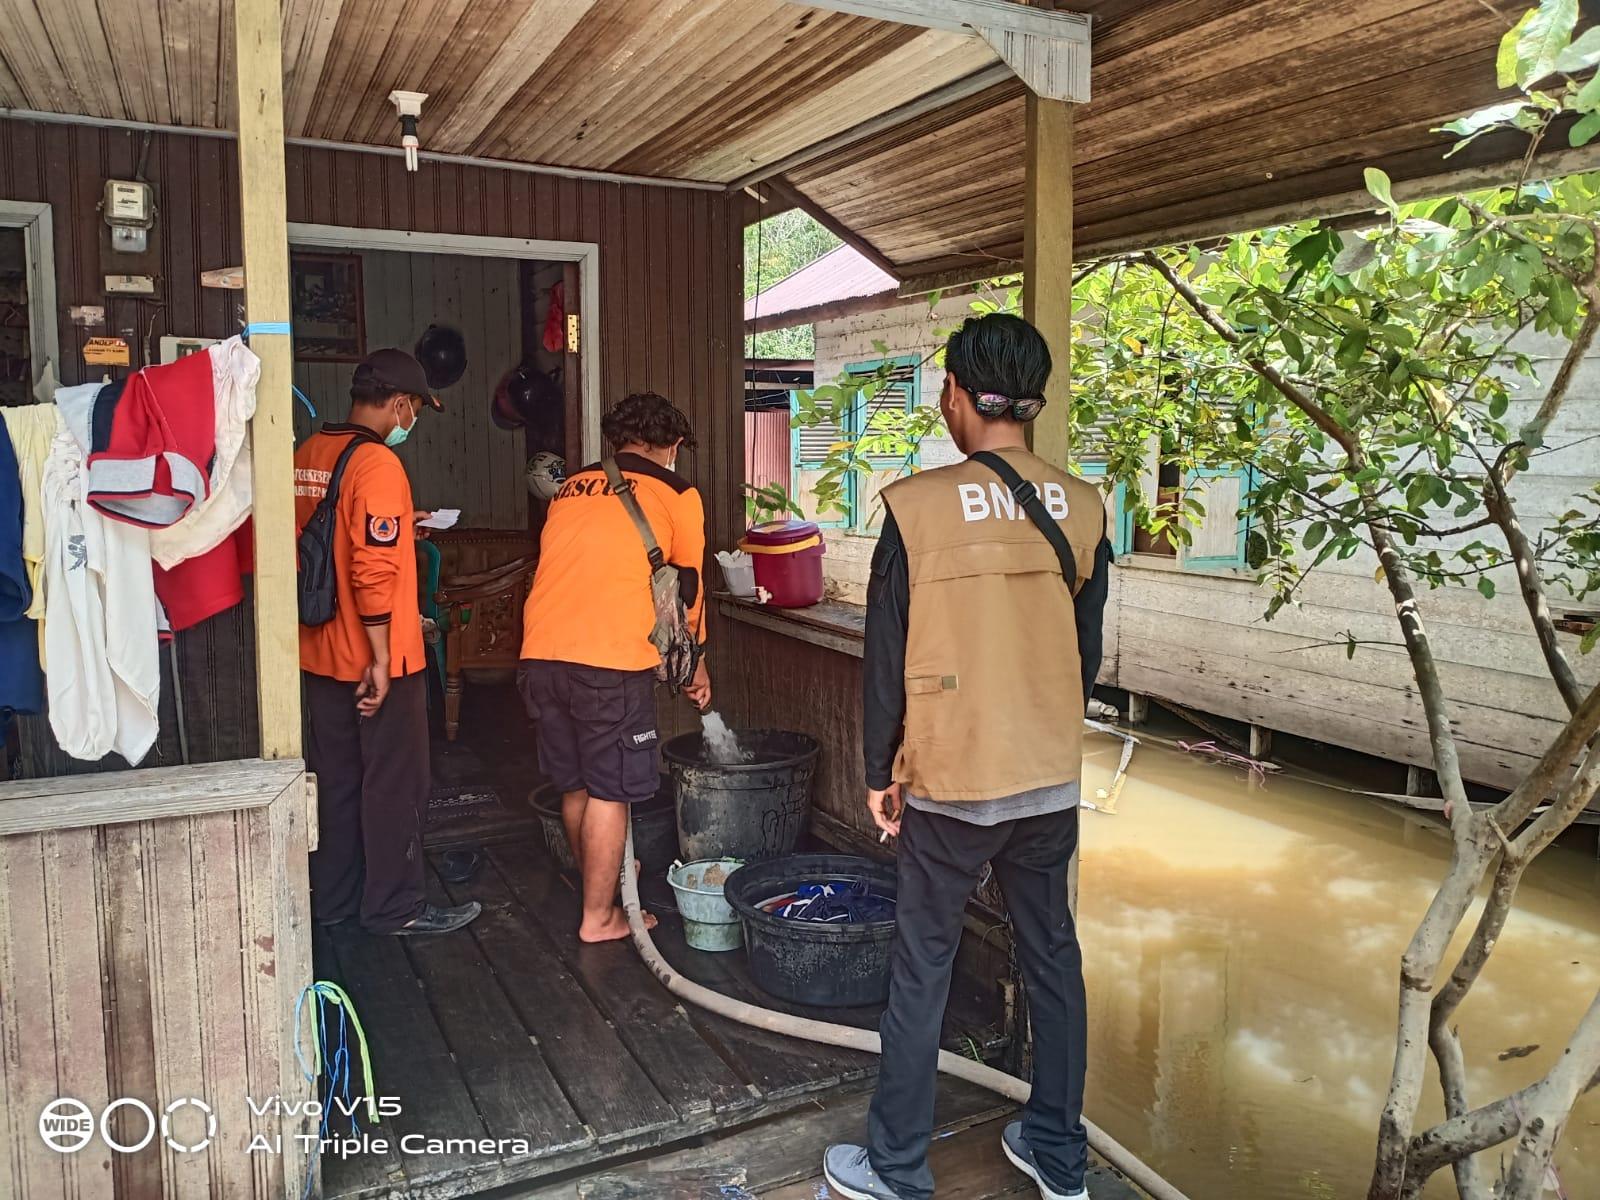 https: img.okezone.com content 2021 09 14 340 2470876 dukungan-relawan-percepat-penanganan-bencana-banjir-katingan-52d0eu7B6k.jpeg